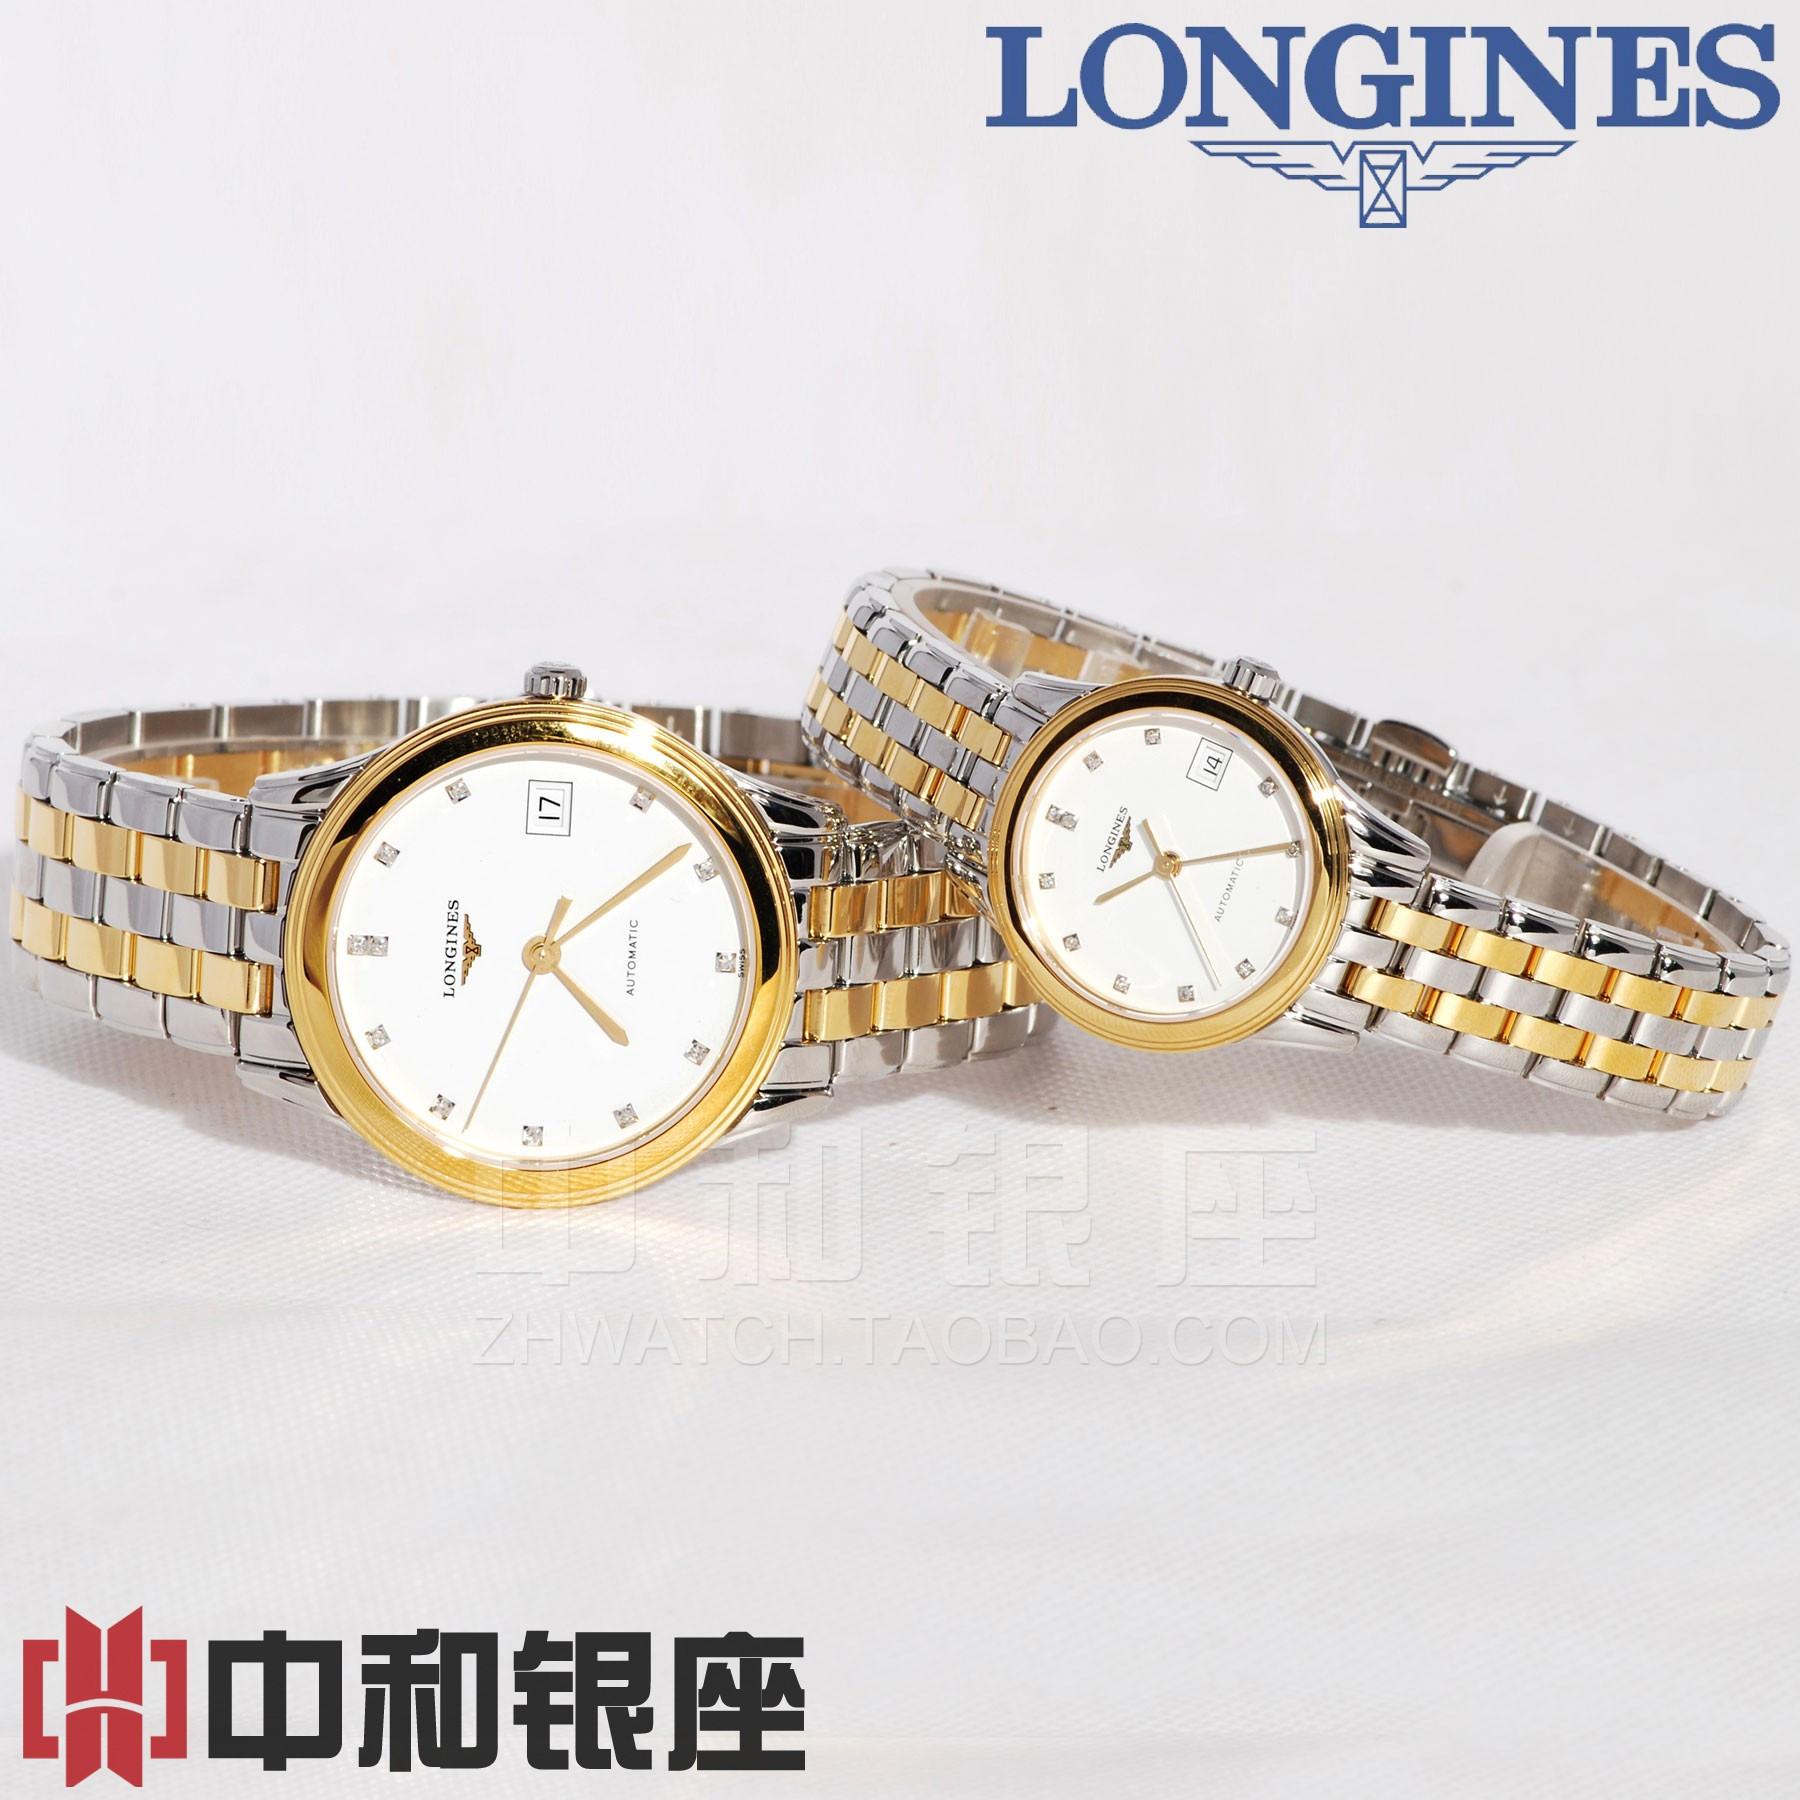 Наручные часы Longines  L4.774.3.27.7 L4.274.3.27.7